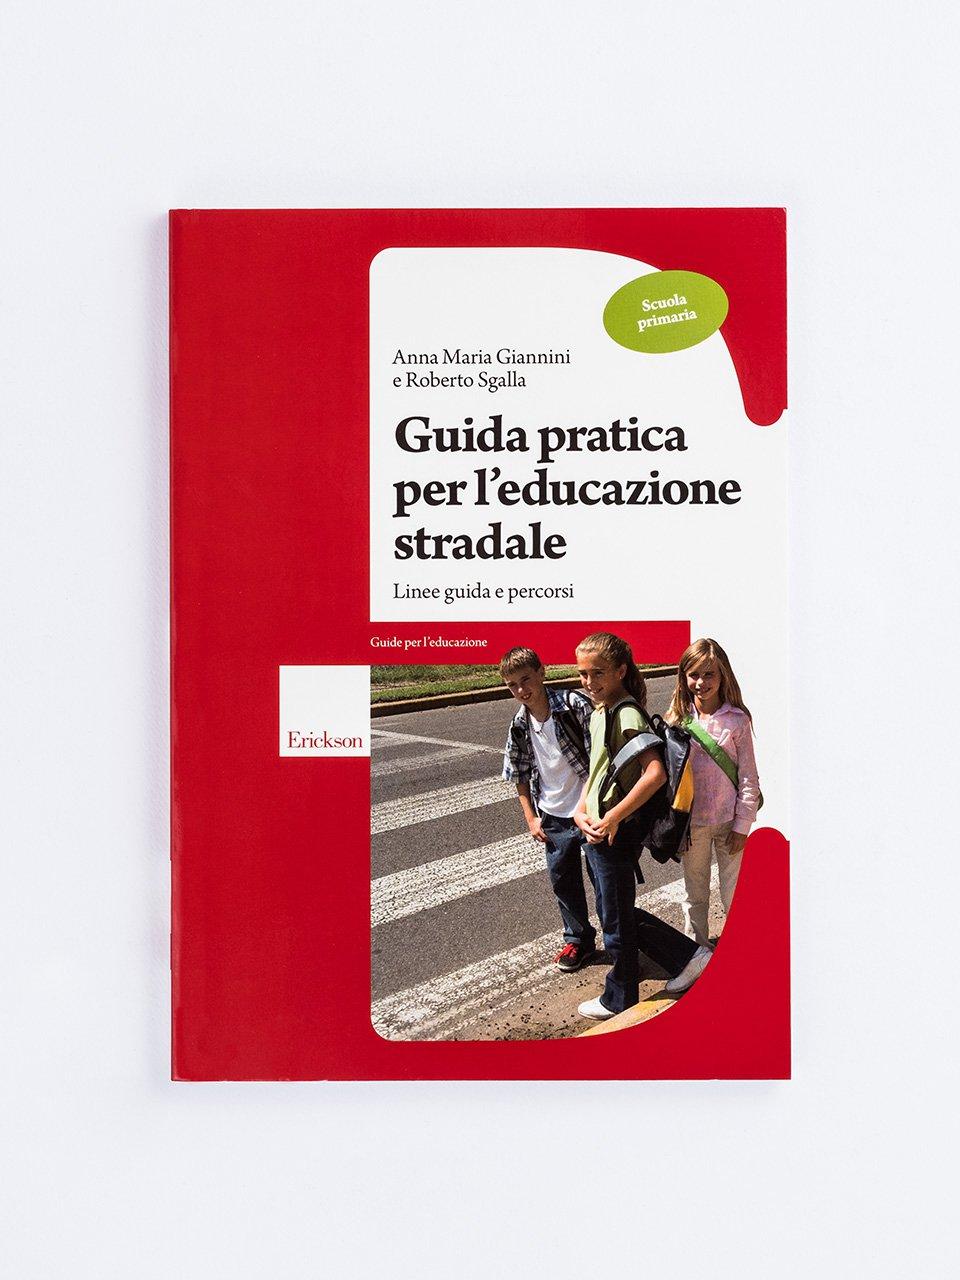 Guida pratica per l'educazione stradale - Scuola primaria - Rosalie va a passeggio - Libri - Erickson